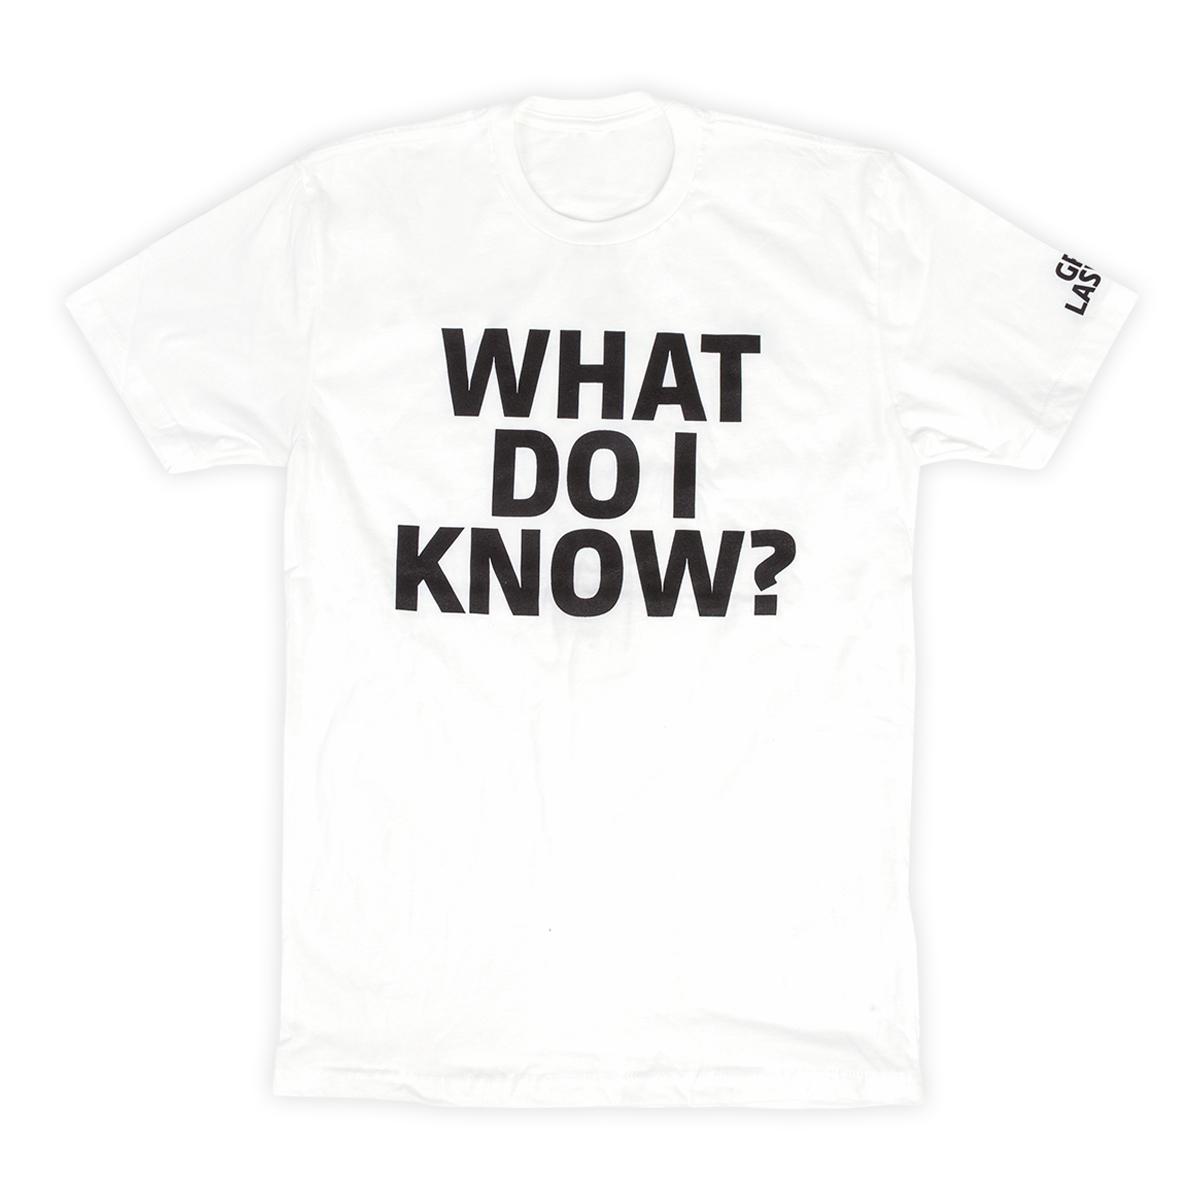 WHAT DO I KNOW? Crewneck